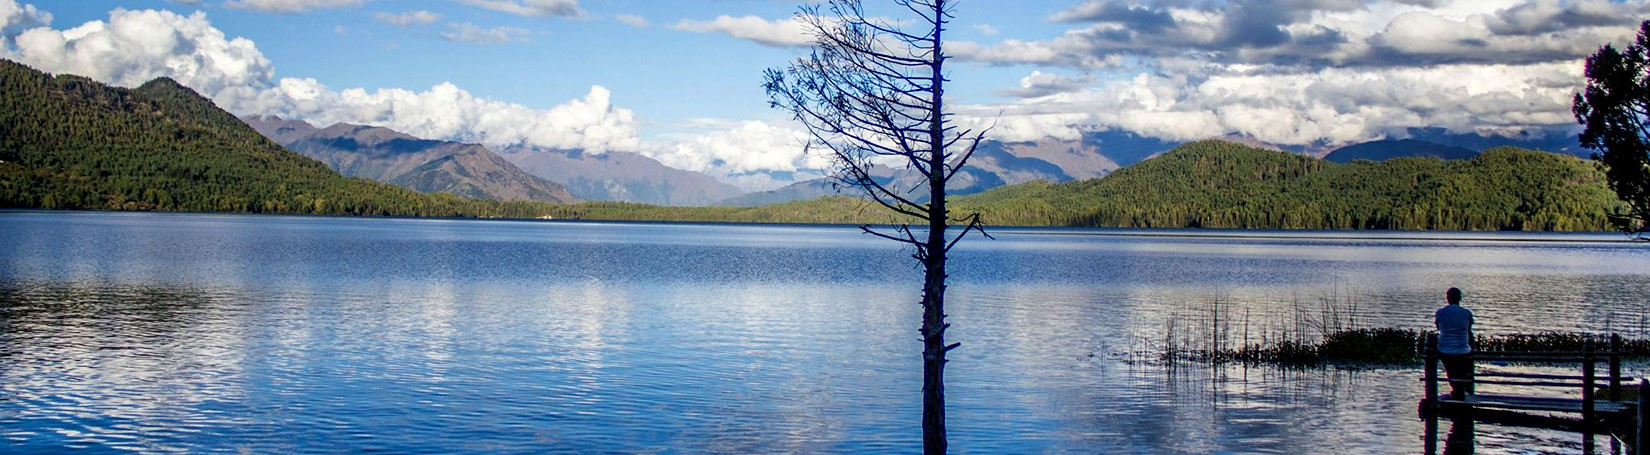 Beauty of Rara lake